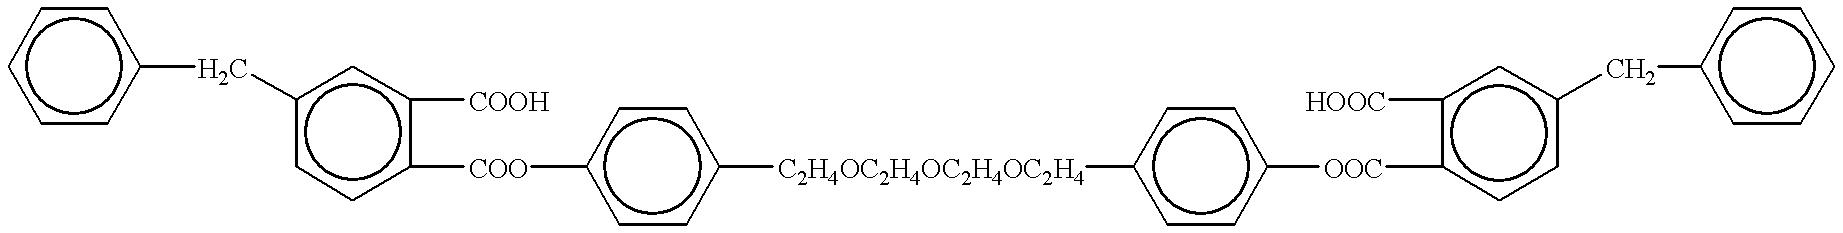 Figure US06180560-20010130-C00336